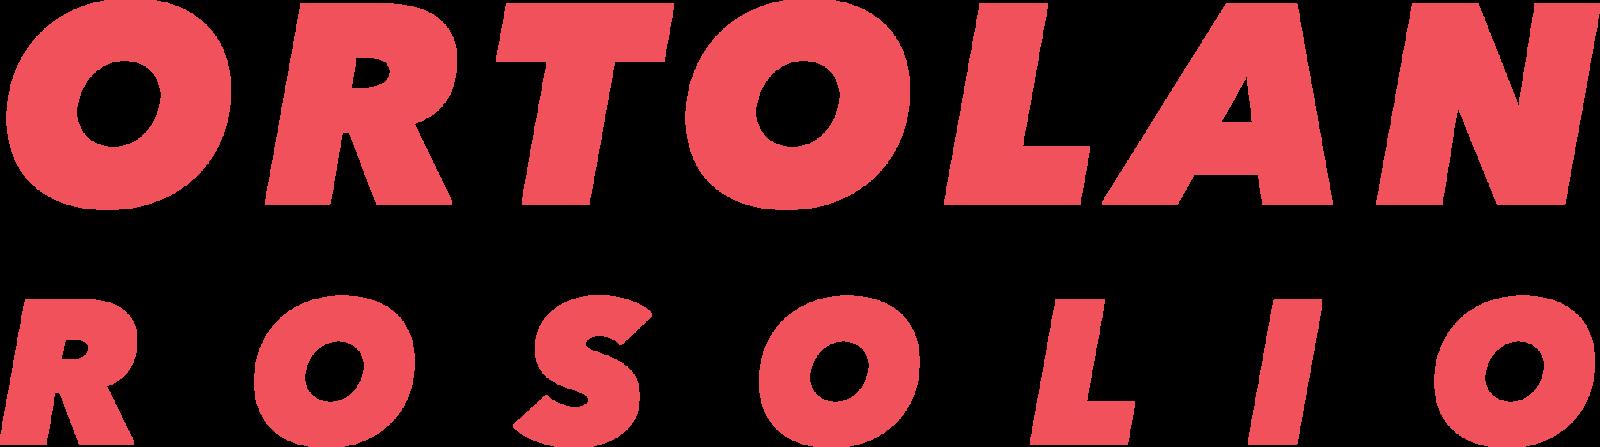 Shop | Ortolan Rosolio